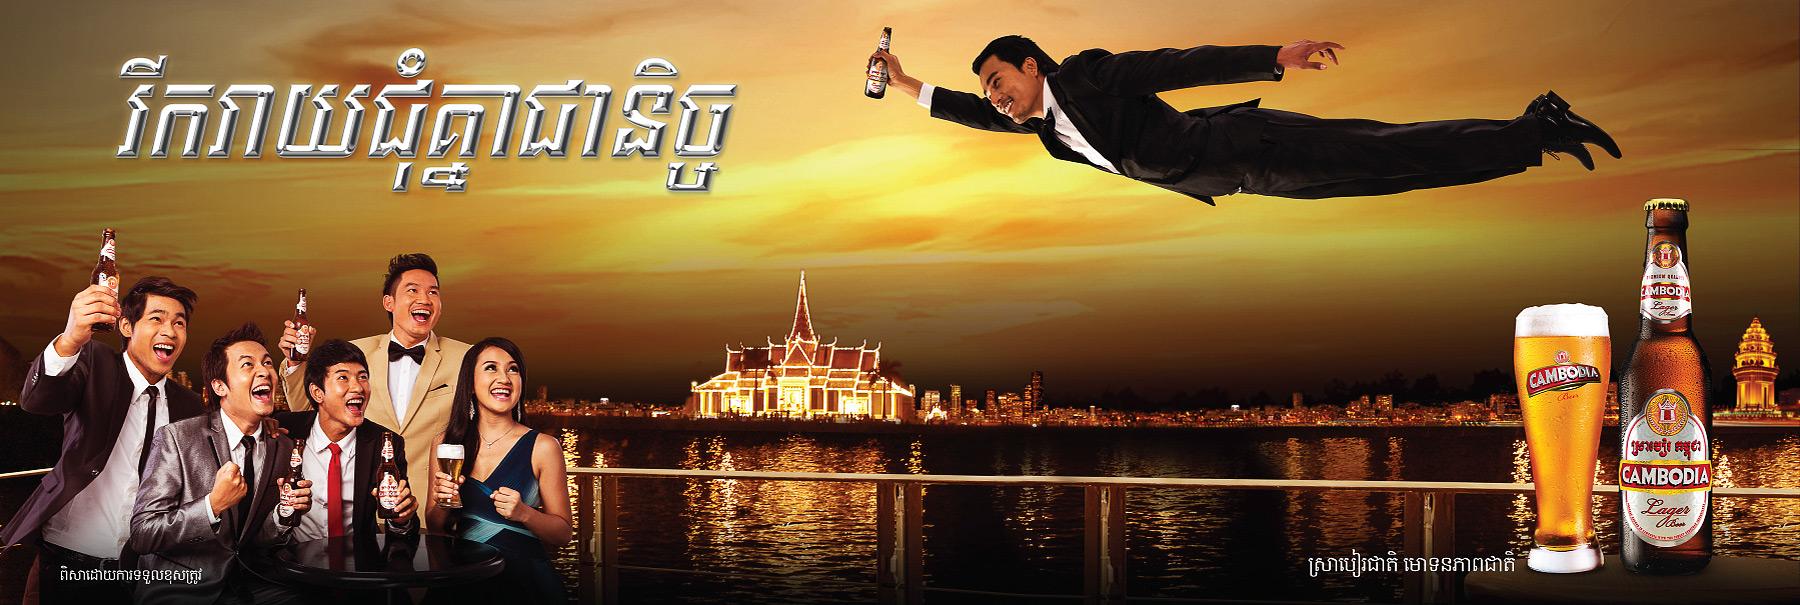 Cambodia Beer billboards